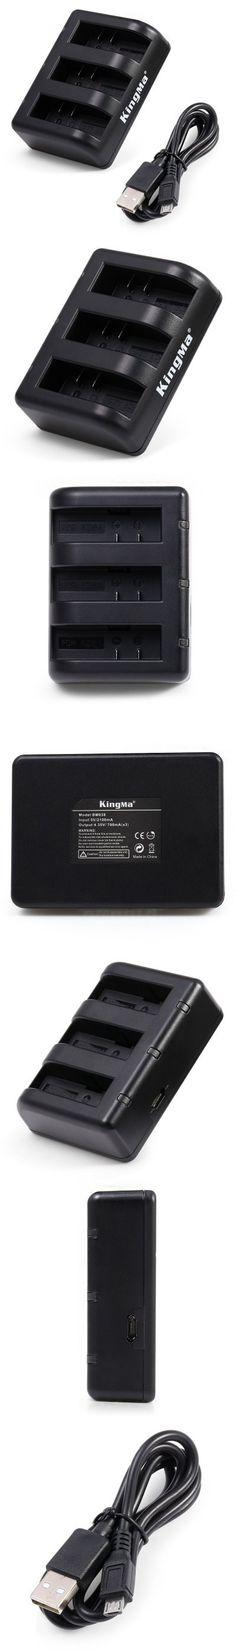 KingMa Three Port Battery Charging Dock for Xiaomi Yi II-4.70